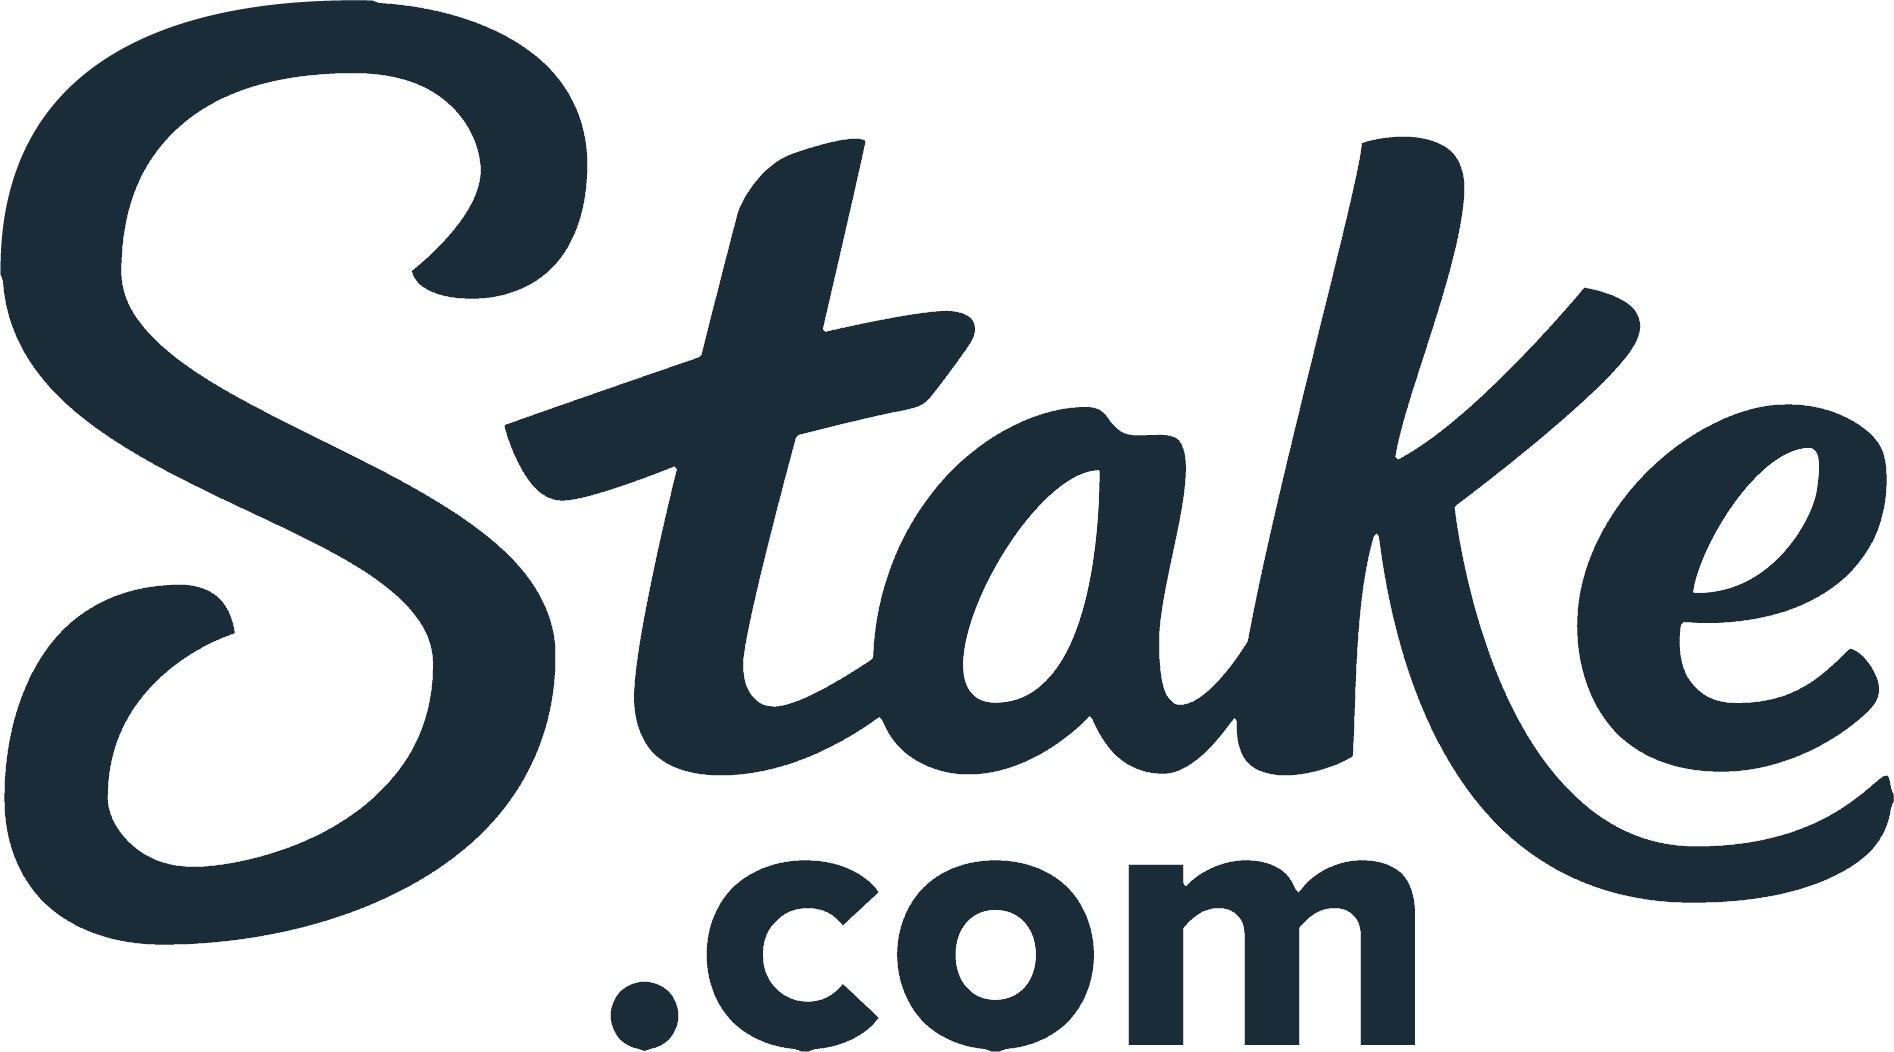 【Stake】入金不要ボーナス$1x7日間 賭け条件1倍!スロットもスポーツもオリジナルゲームも!